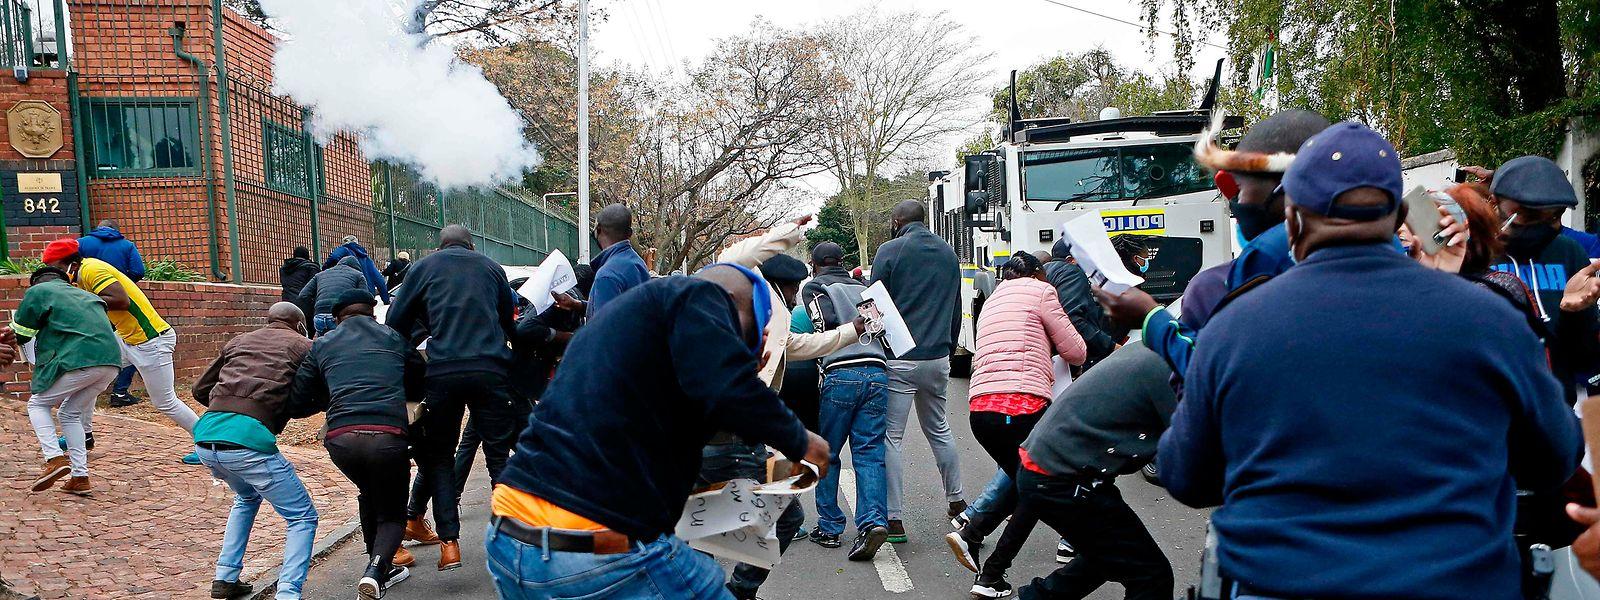 Im benachbarten Südafrika demonstrierten am Mittwoch Exil-Simbabwer gegen die autoritäre Regierung in Harare.